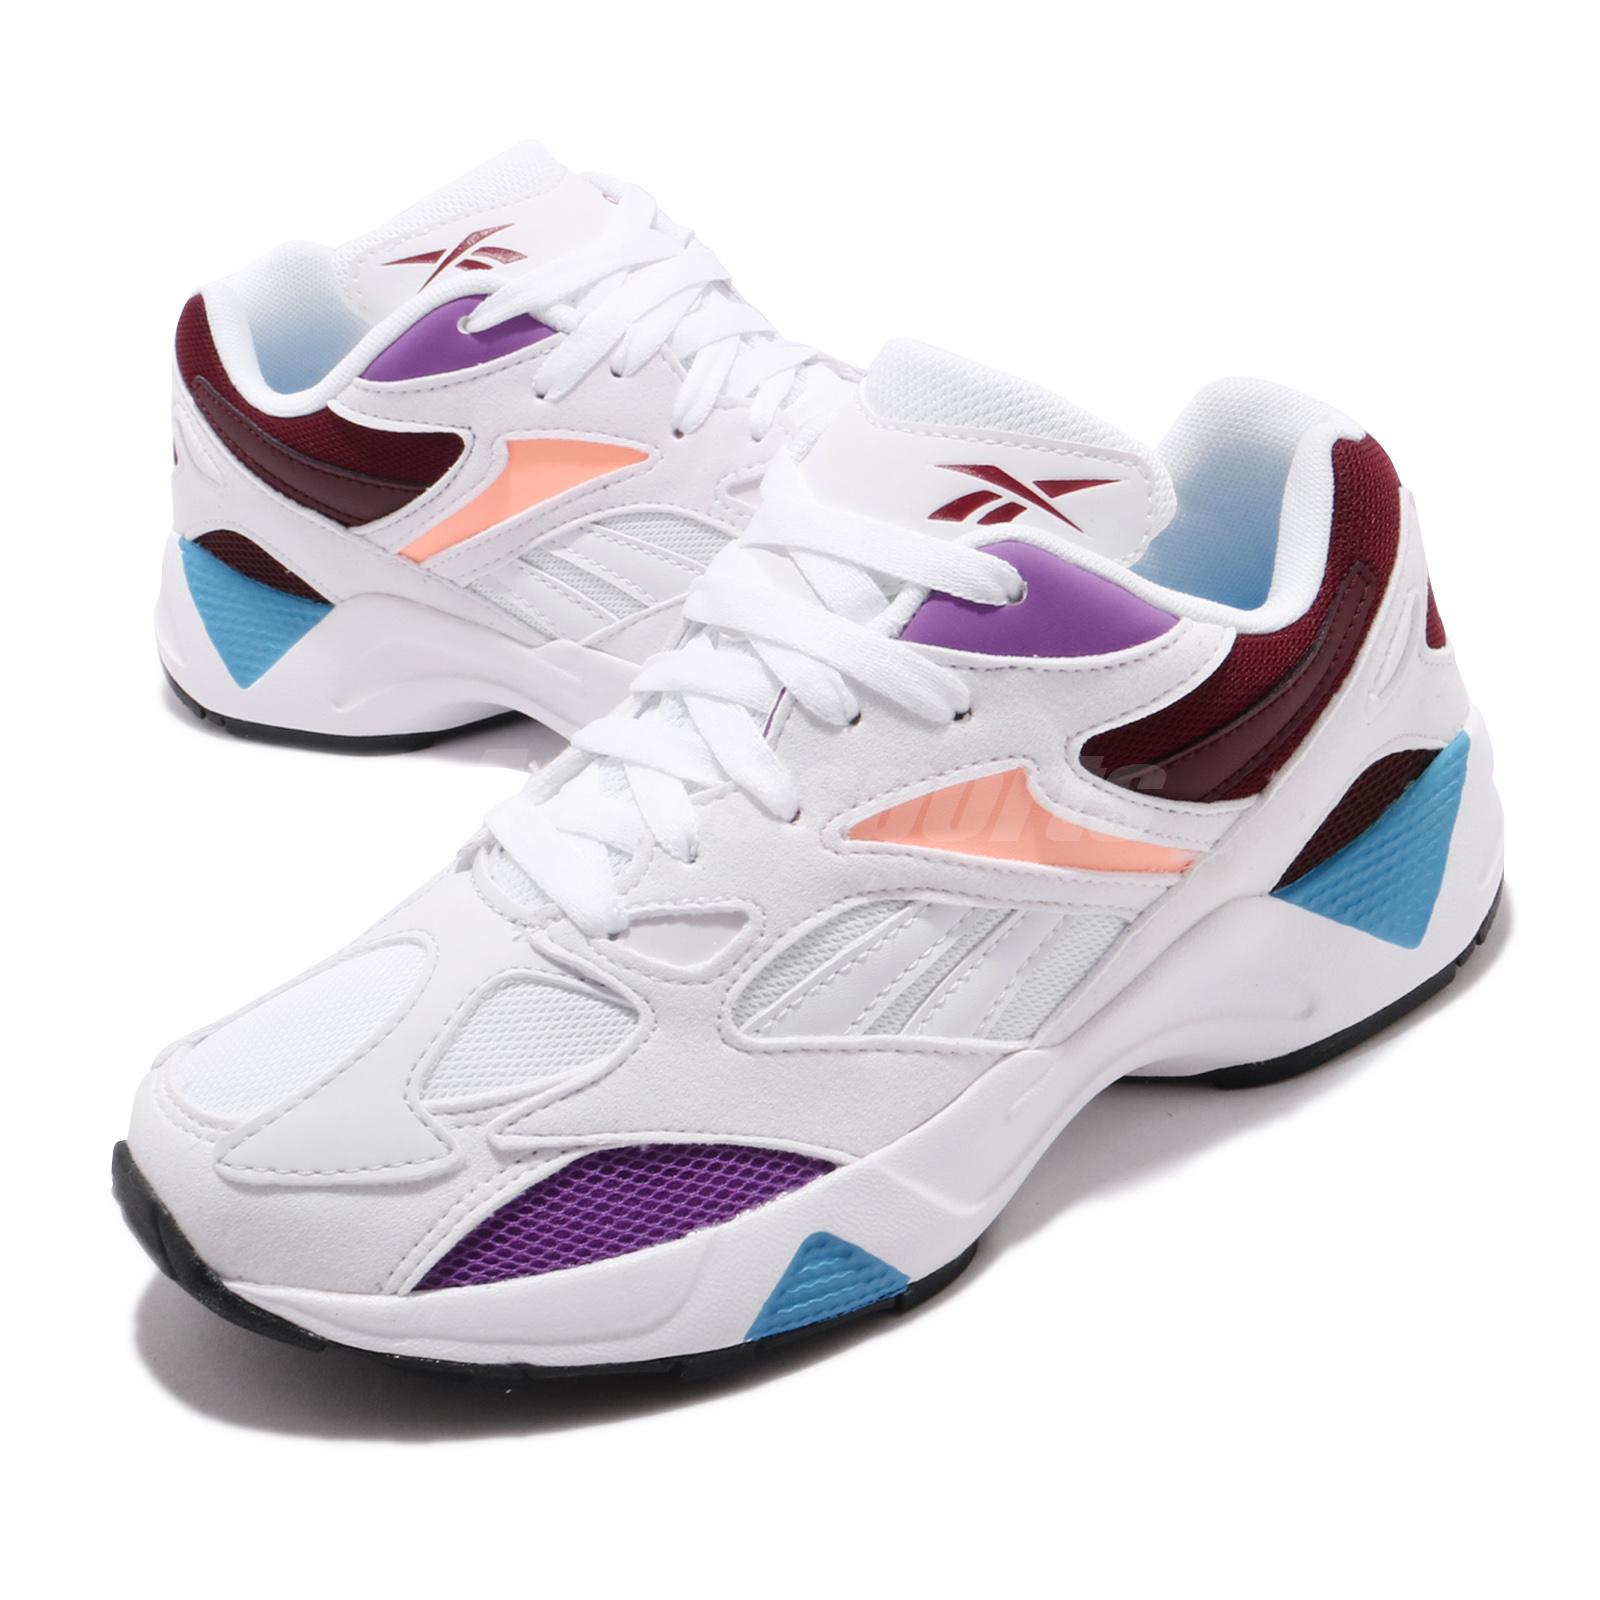 Marca comercial por inadvertencia Lavandería a monedas  Reebok AZTREK 96 Reinvented 90s Style White Purple Marron Men ...